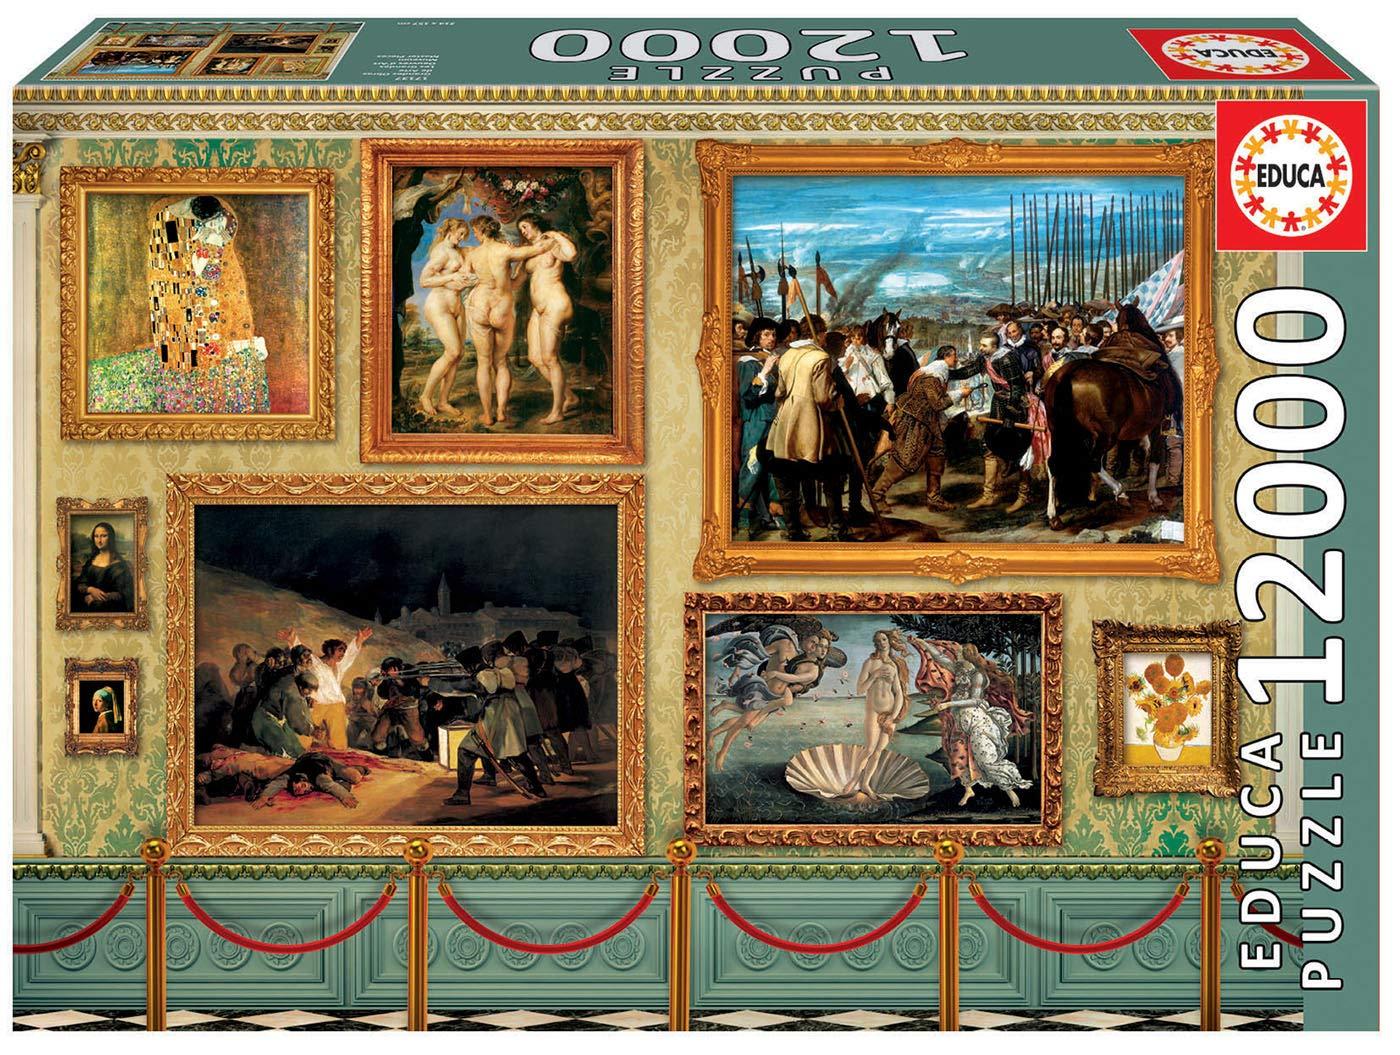 Educa Borrás – Grandes Obras de Arte Puzzle, 12000 piezas (17137)